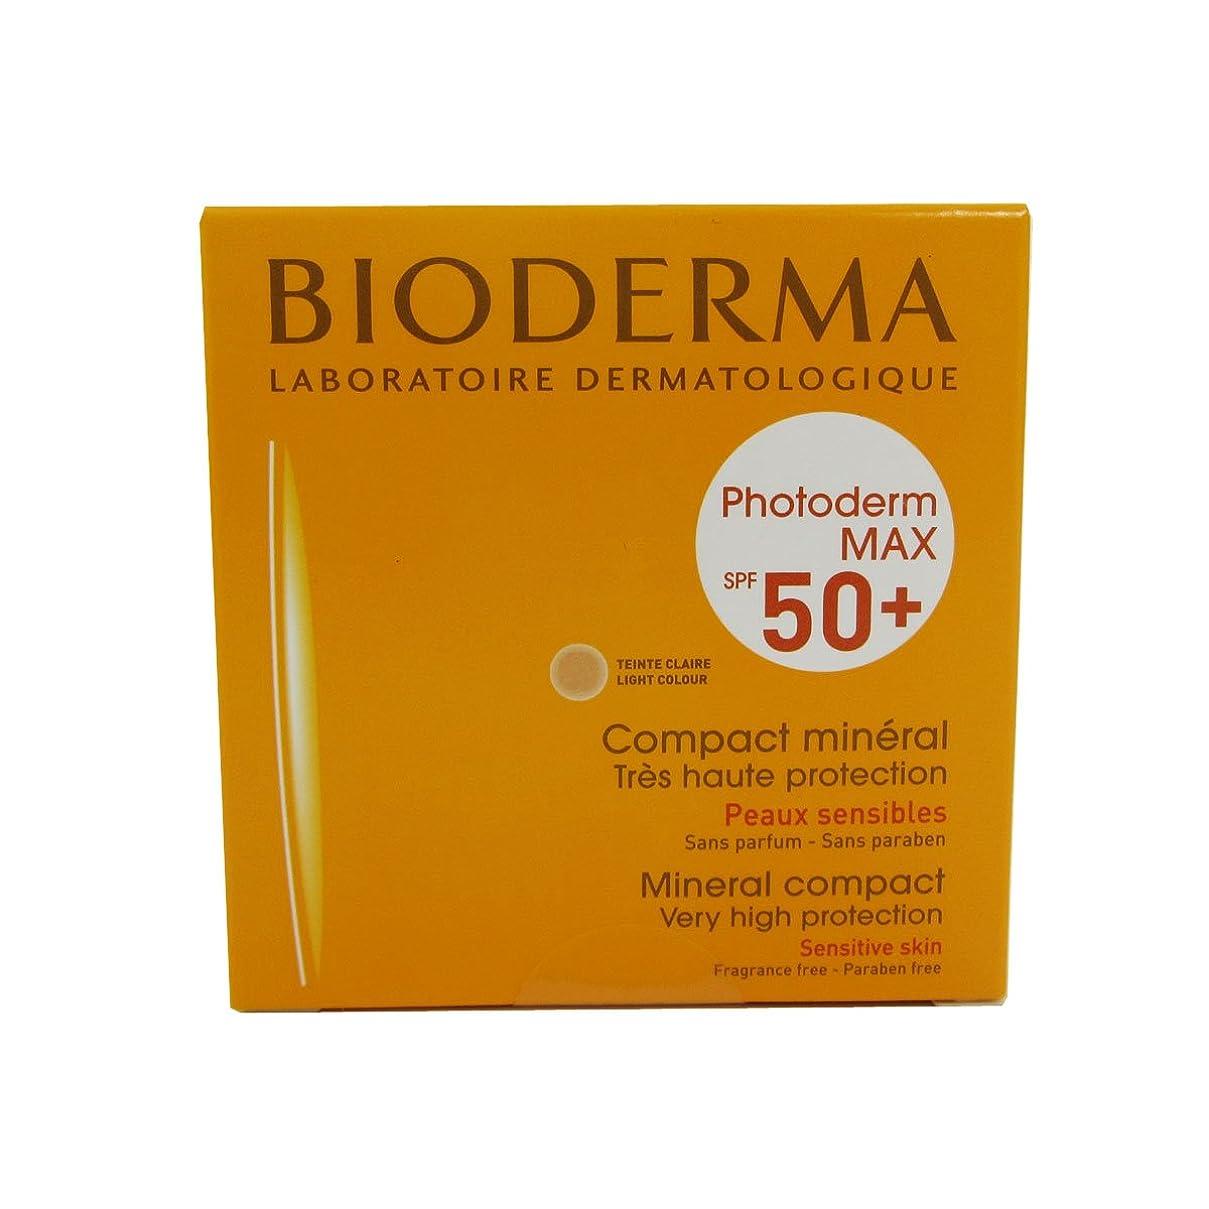 予備キノコ罰するBioderma Photoderm Max Compact Mineral 50+ Light 10g [並行輸入品]